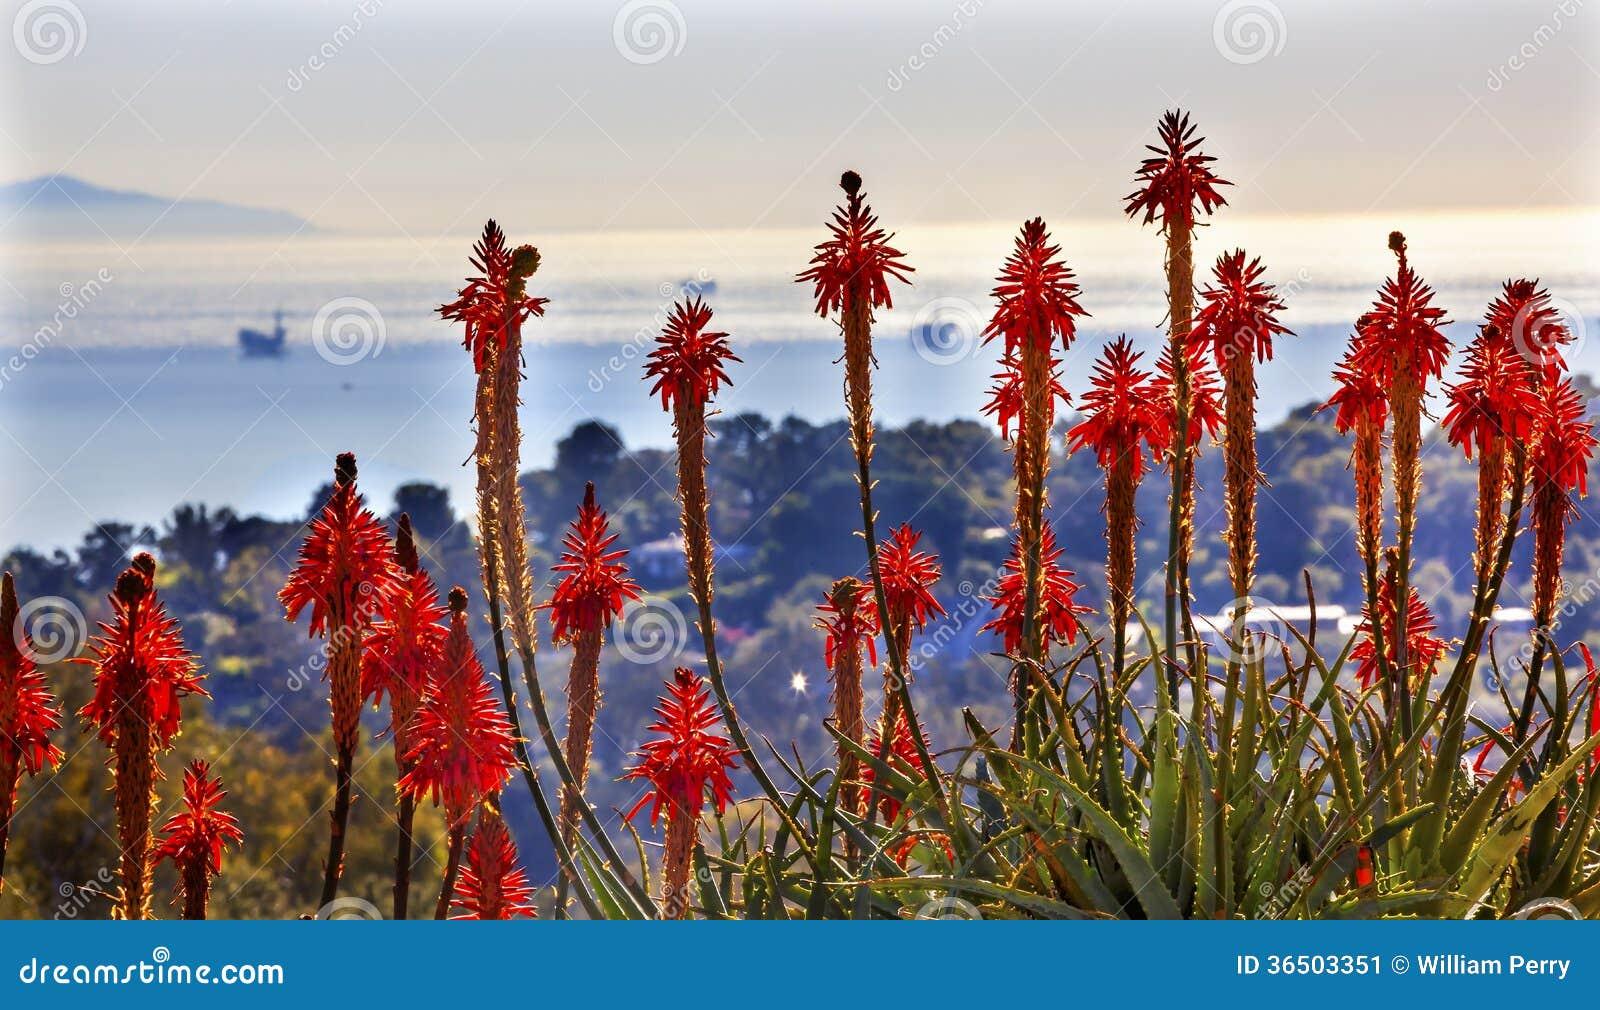 橙色芦荟仙人掌早晨太平洋风景石油平台